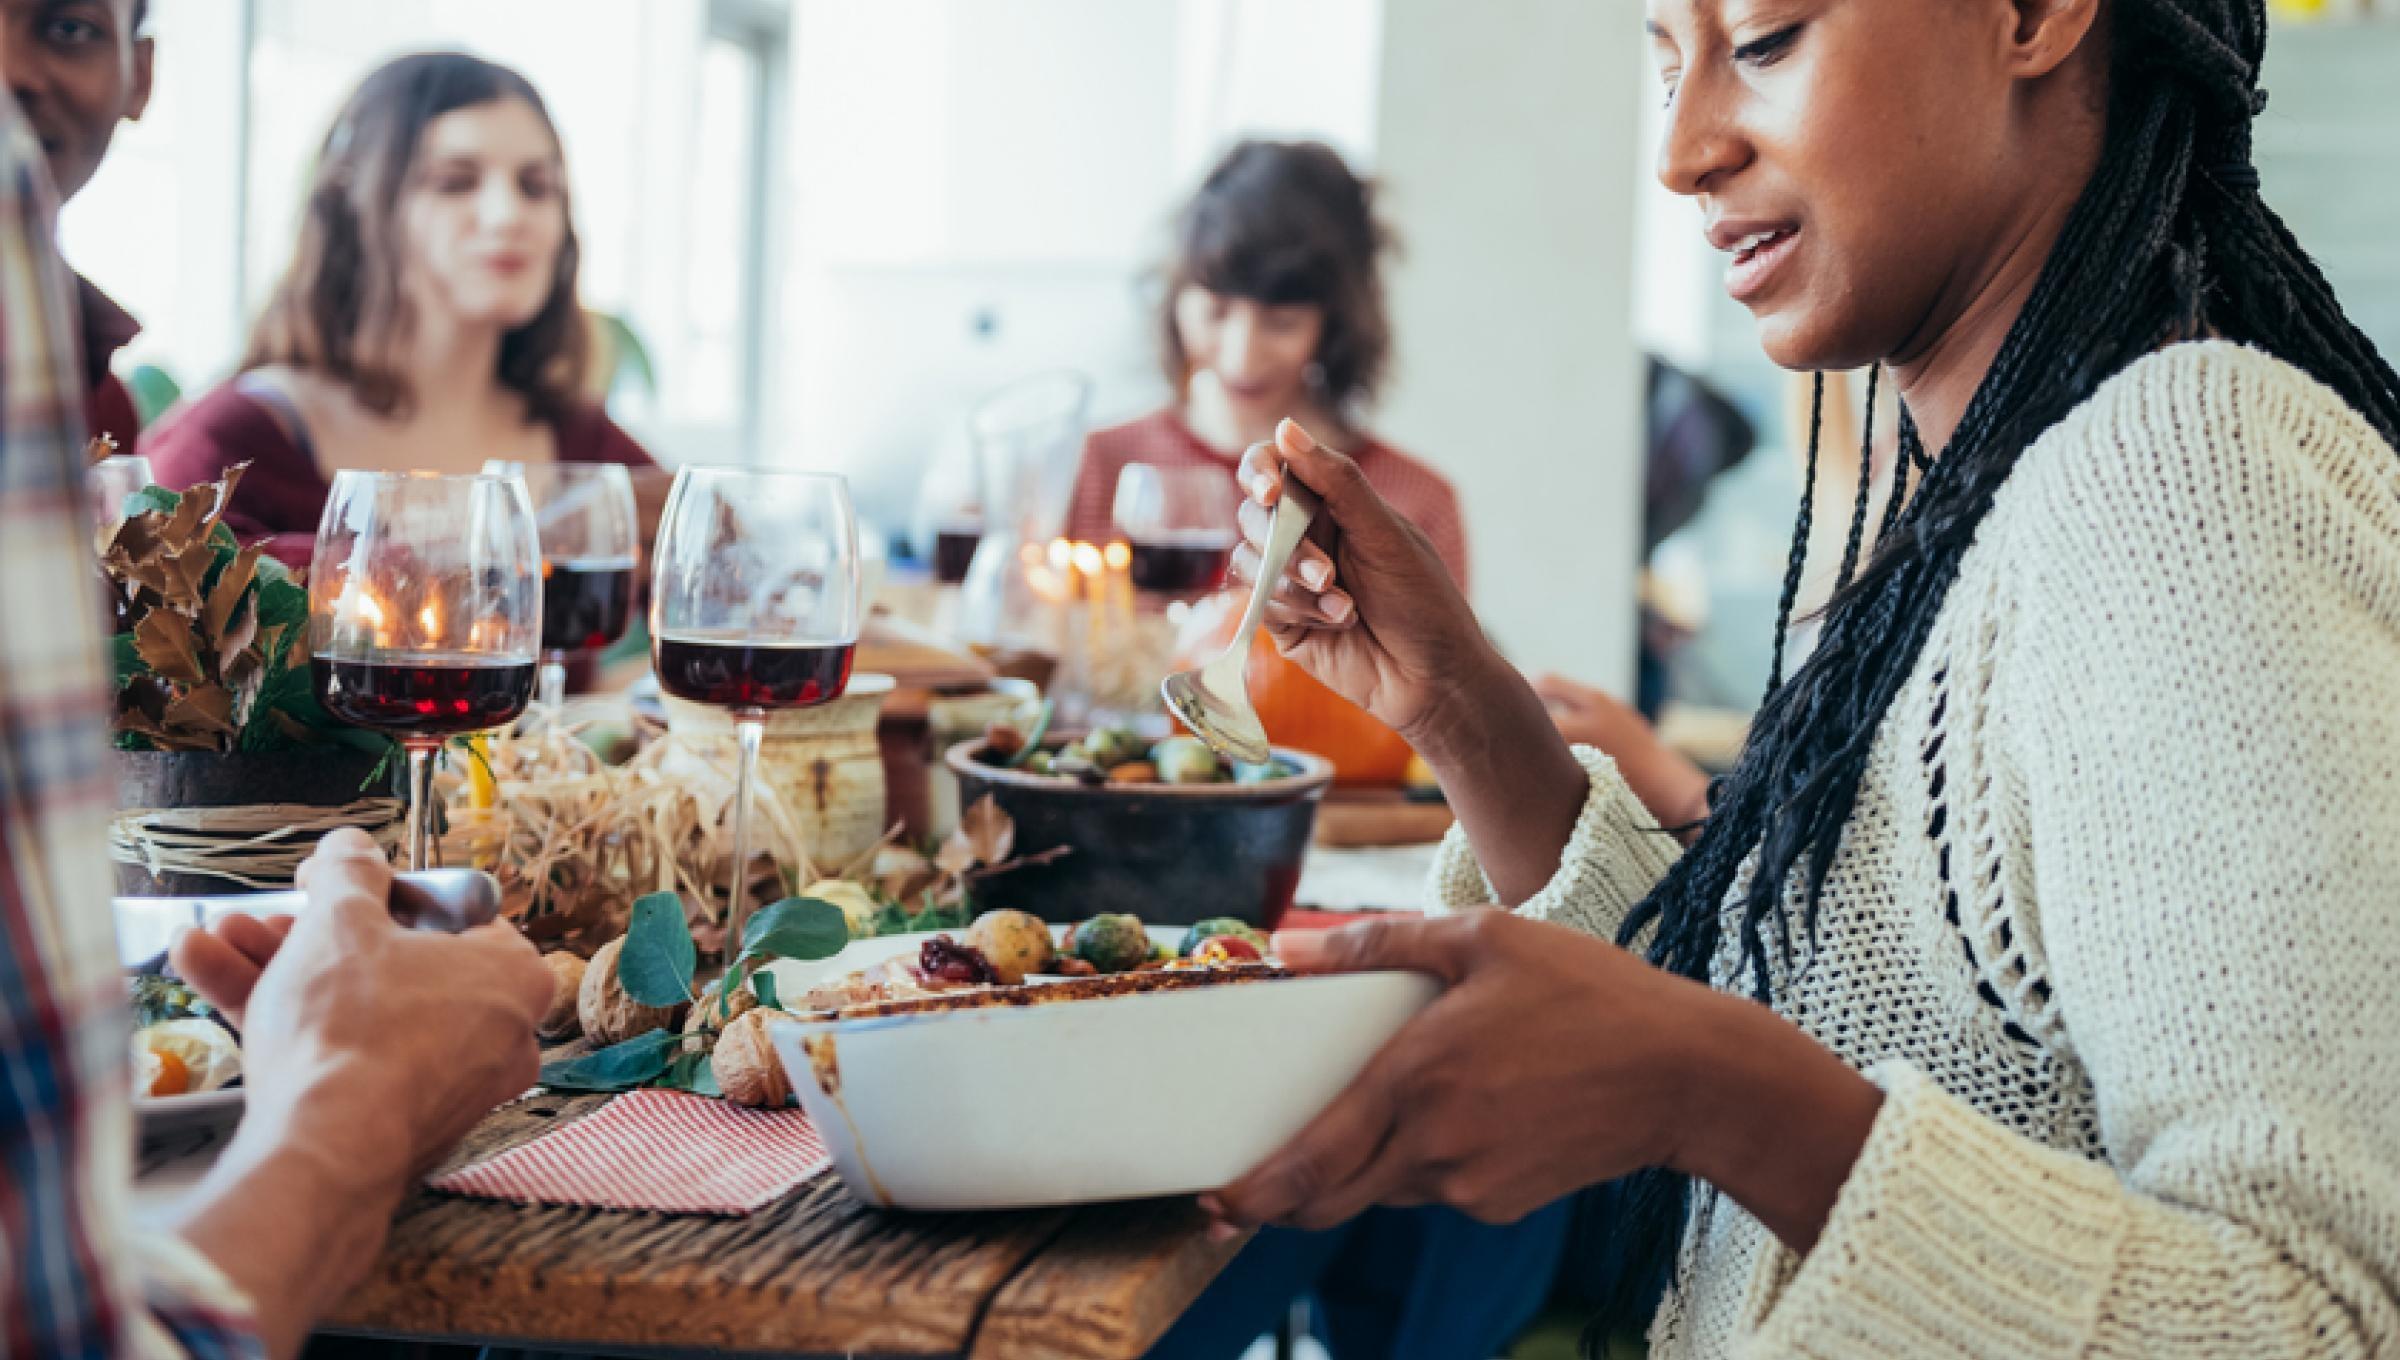 A karácsonyi étkezések 20 százalékkal növelik a koleszterinszintet